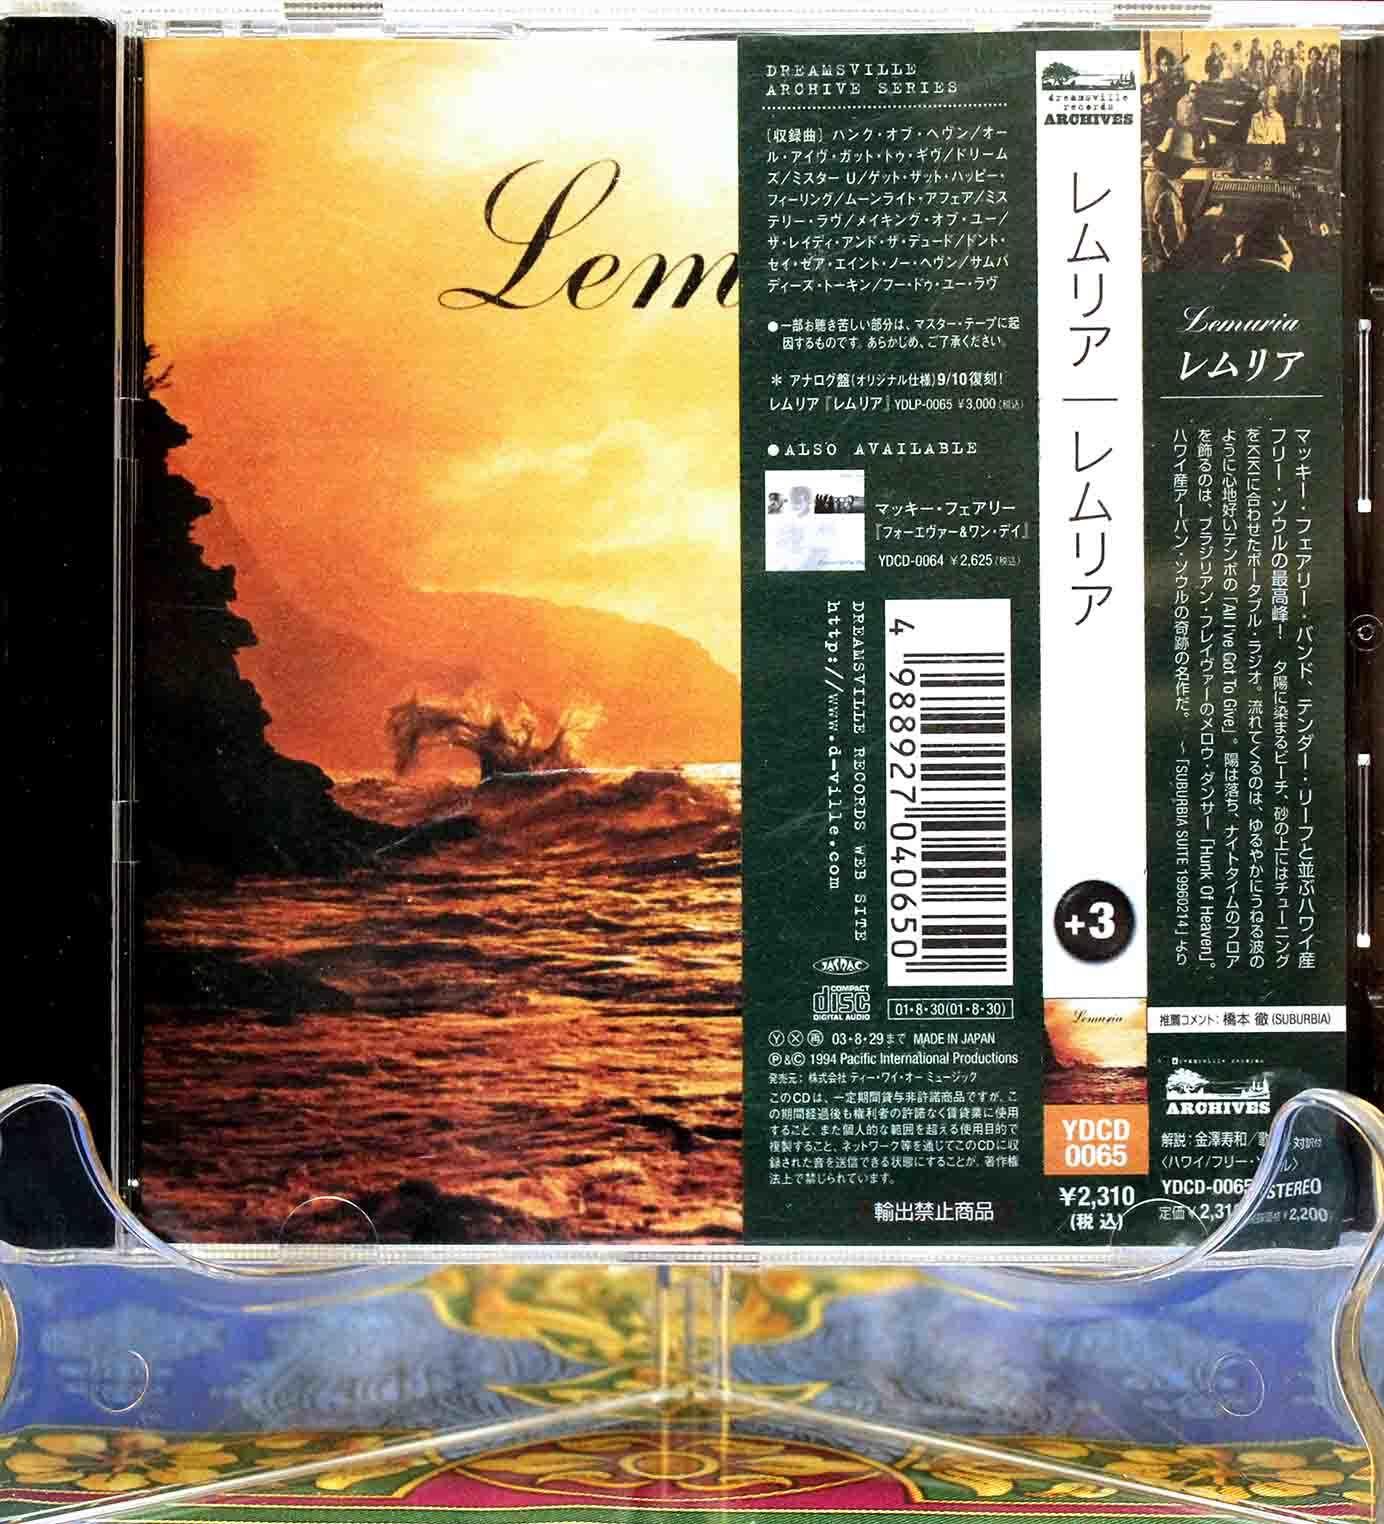 lemuria 07